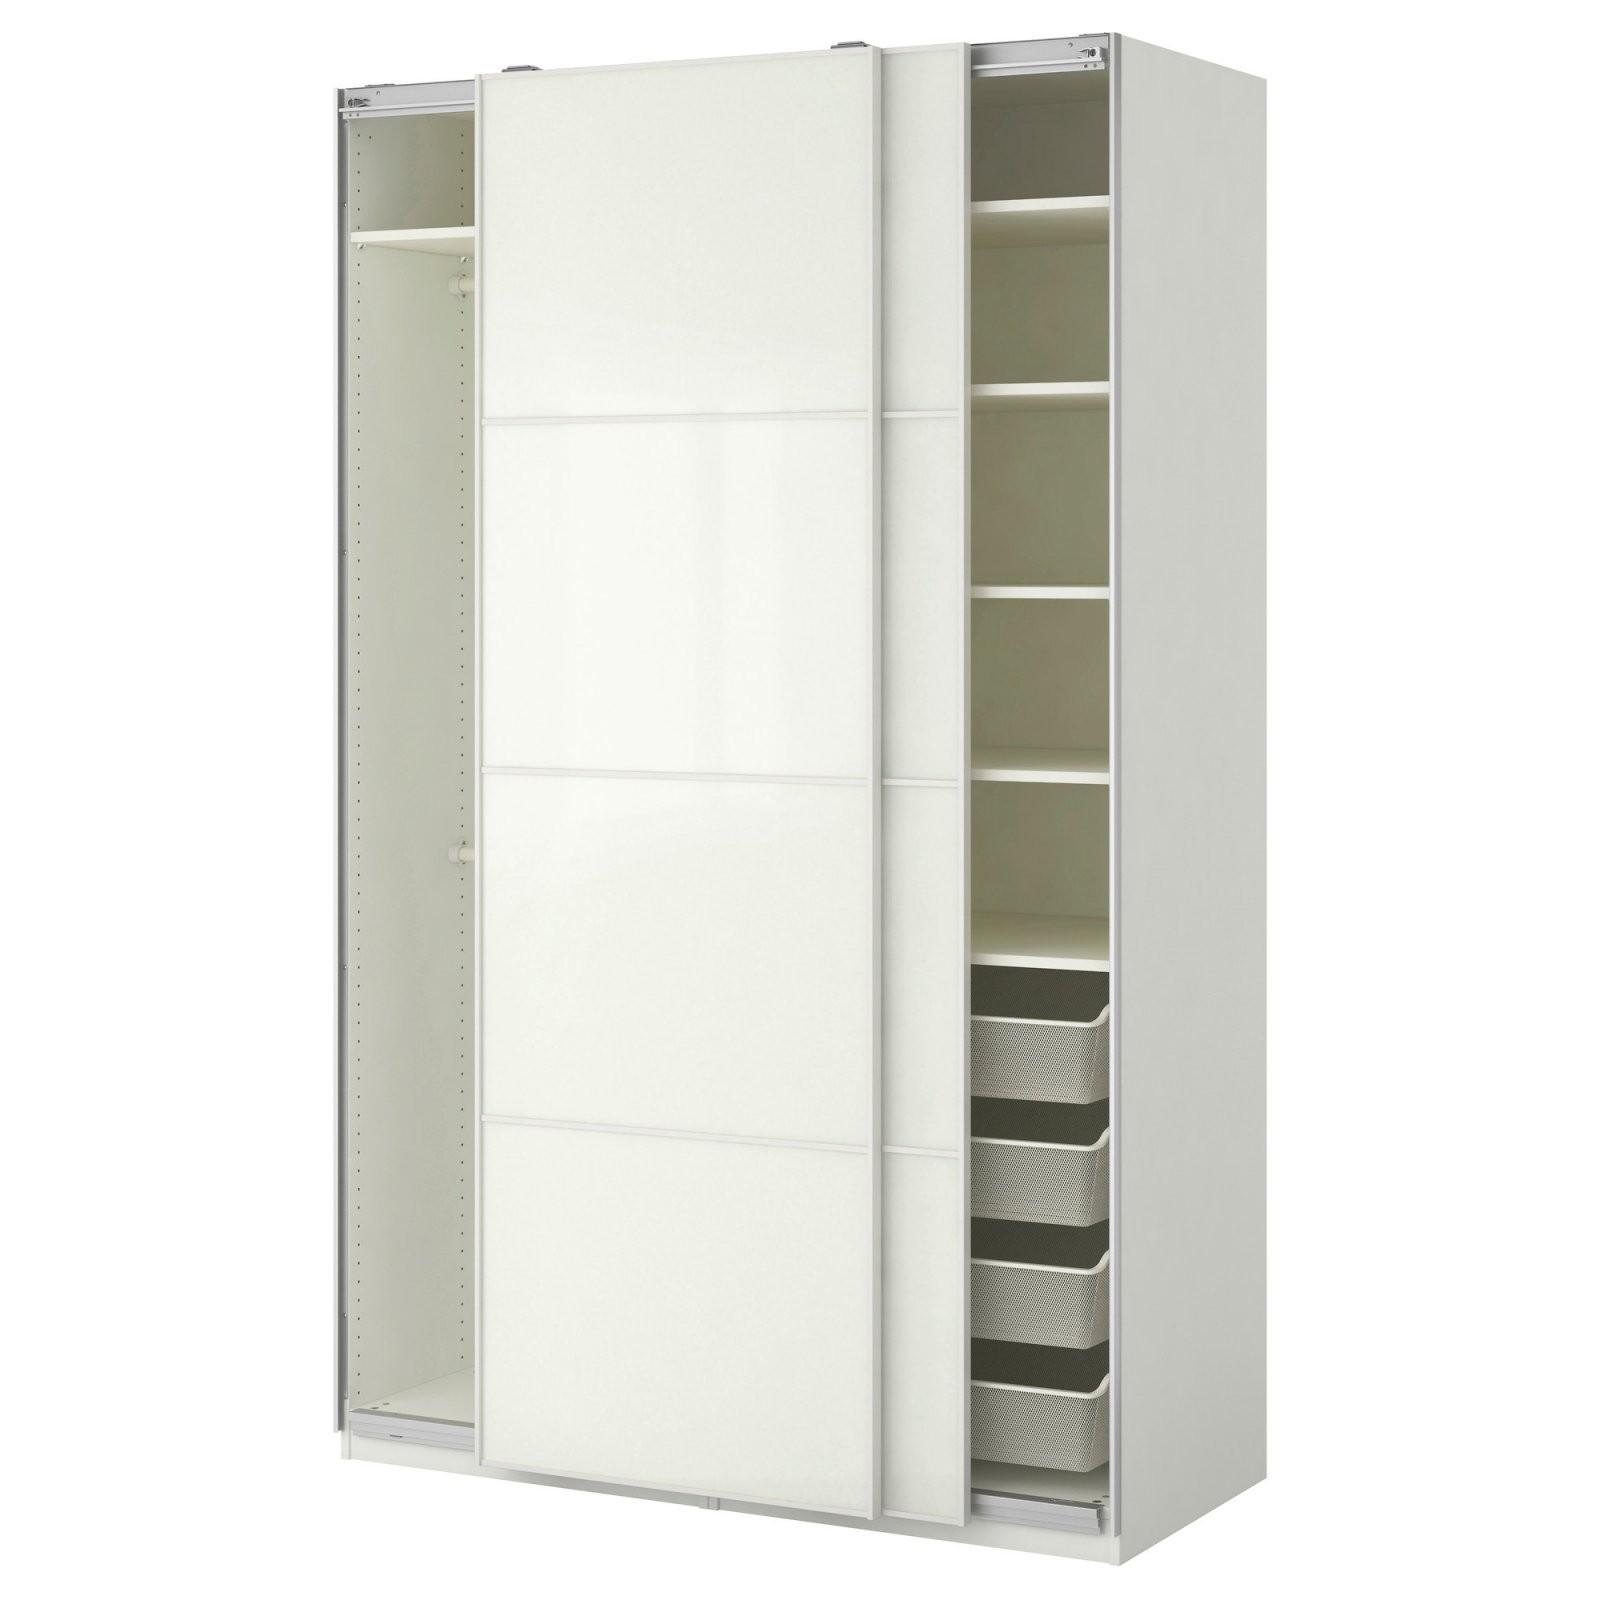 Prestigeträchtig Kleiderschrank Weiß 120 Cm Breit  Sulzerareal von Schrank Weiß 120 Breit Bild